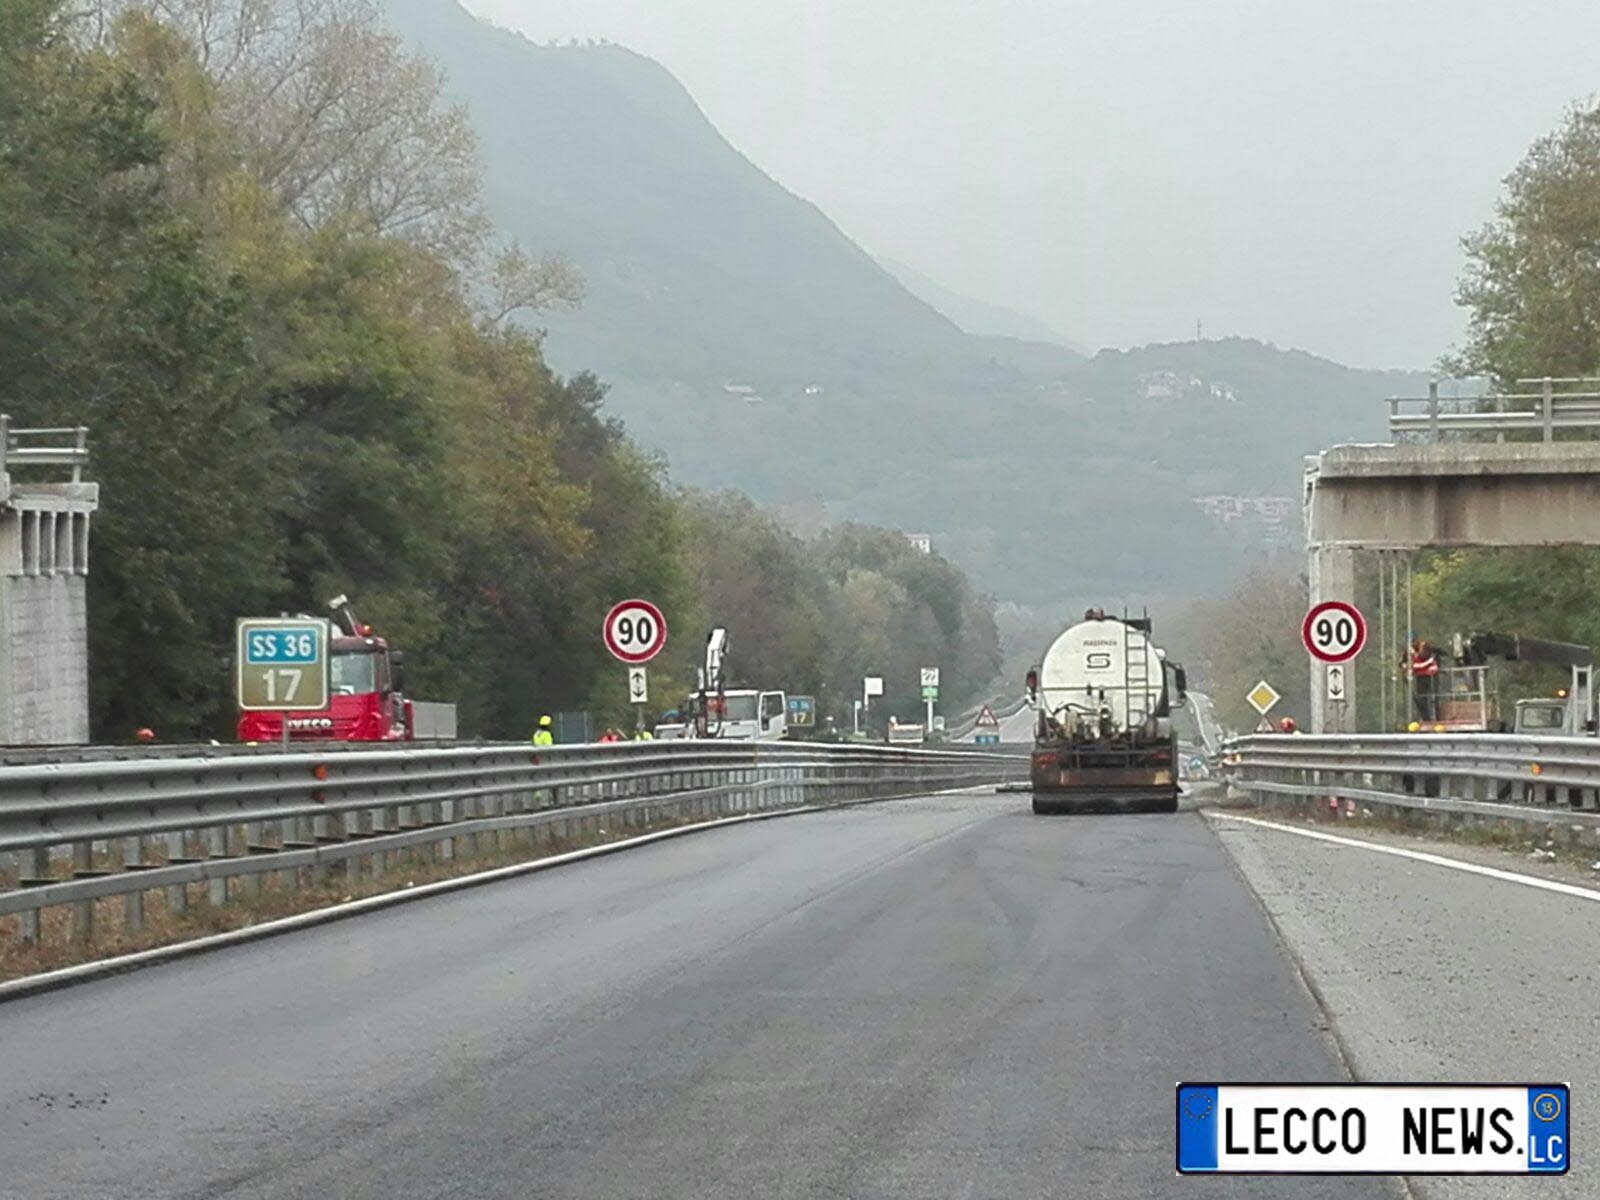 ANNONE/CONTO ALLA ROVESCIA PER LA RIAPERTURA DELLA SS36   Lecco News Notizie  dell'ultima ora di Lecco, lago di Como, Resegone, Valsassina, Brianza.  Eventi, traffico